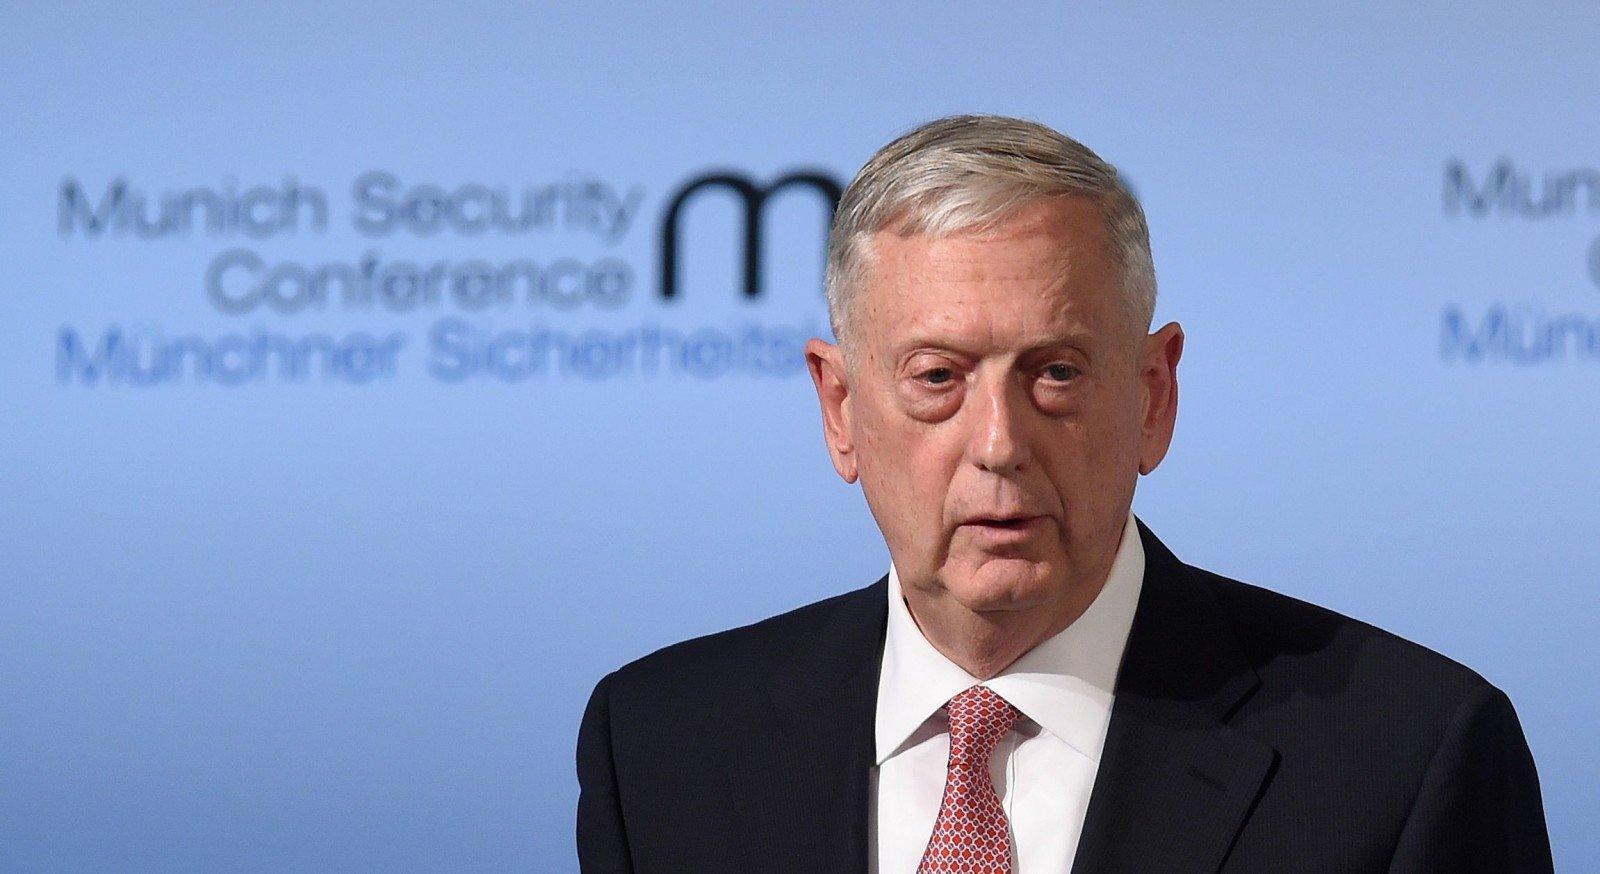 Руководитель Пентагона обеспокоен присутствием РФ вАфганистане